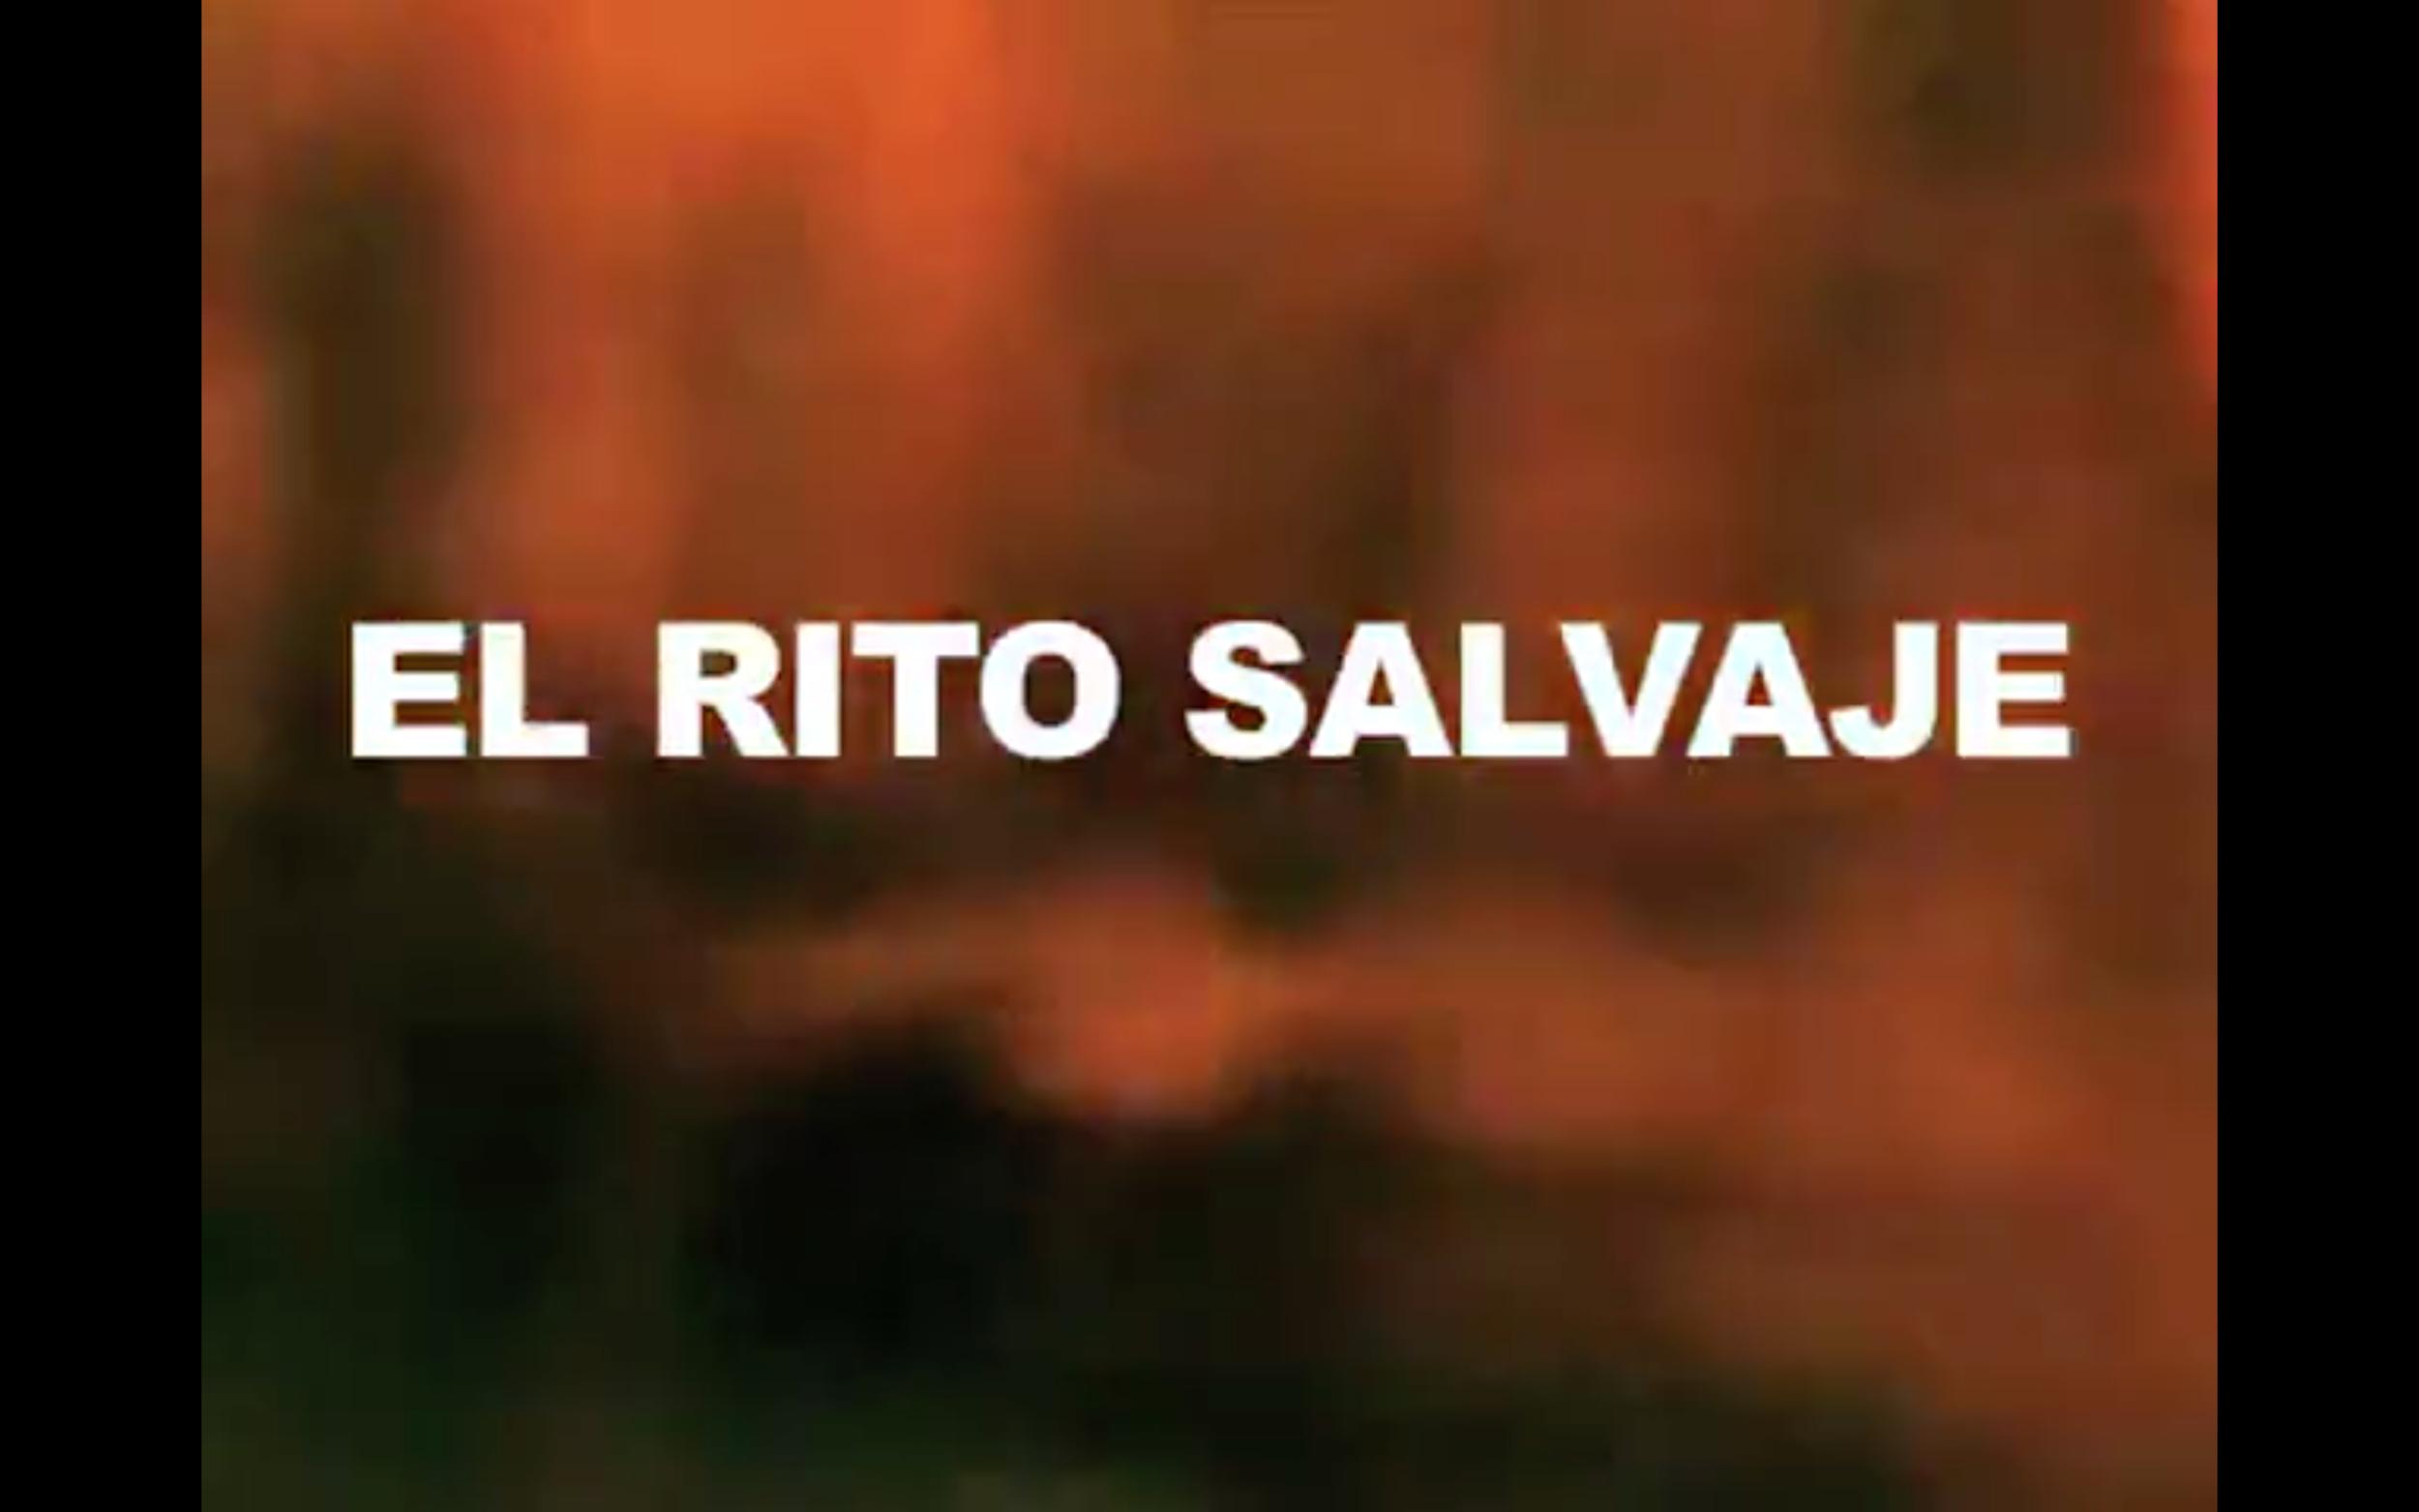 el rito salvaje (2011)